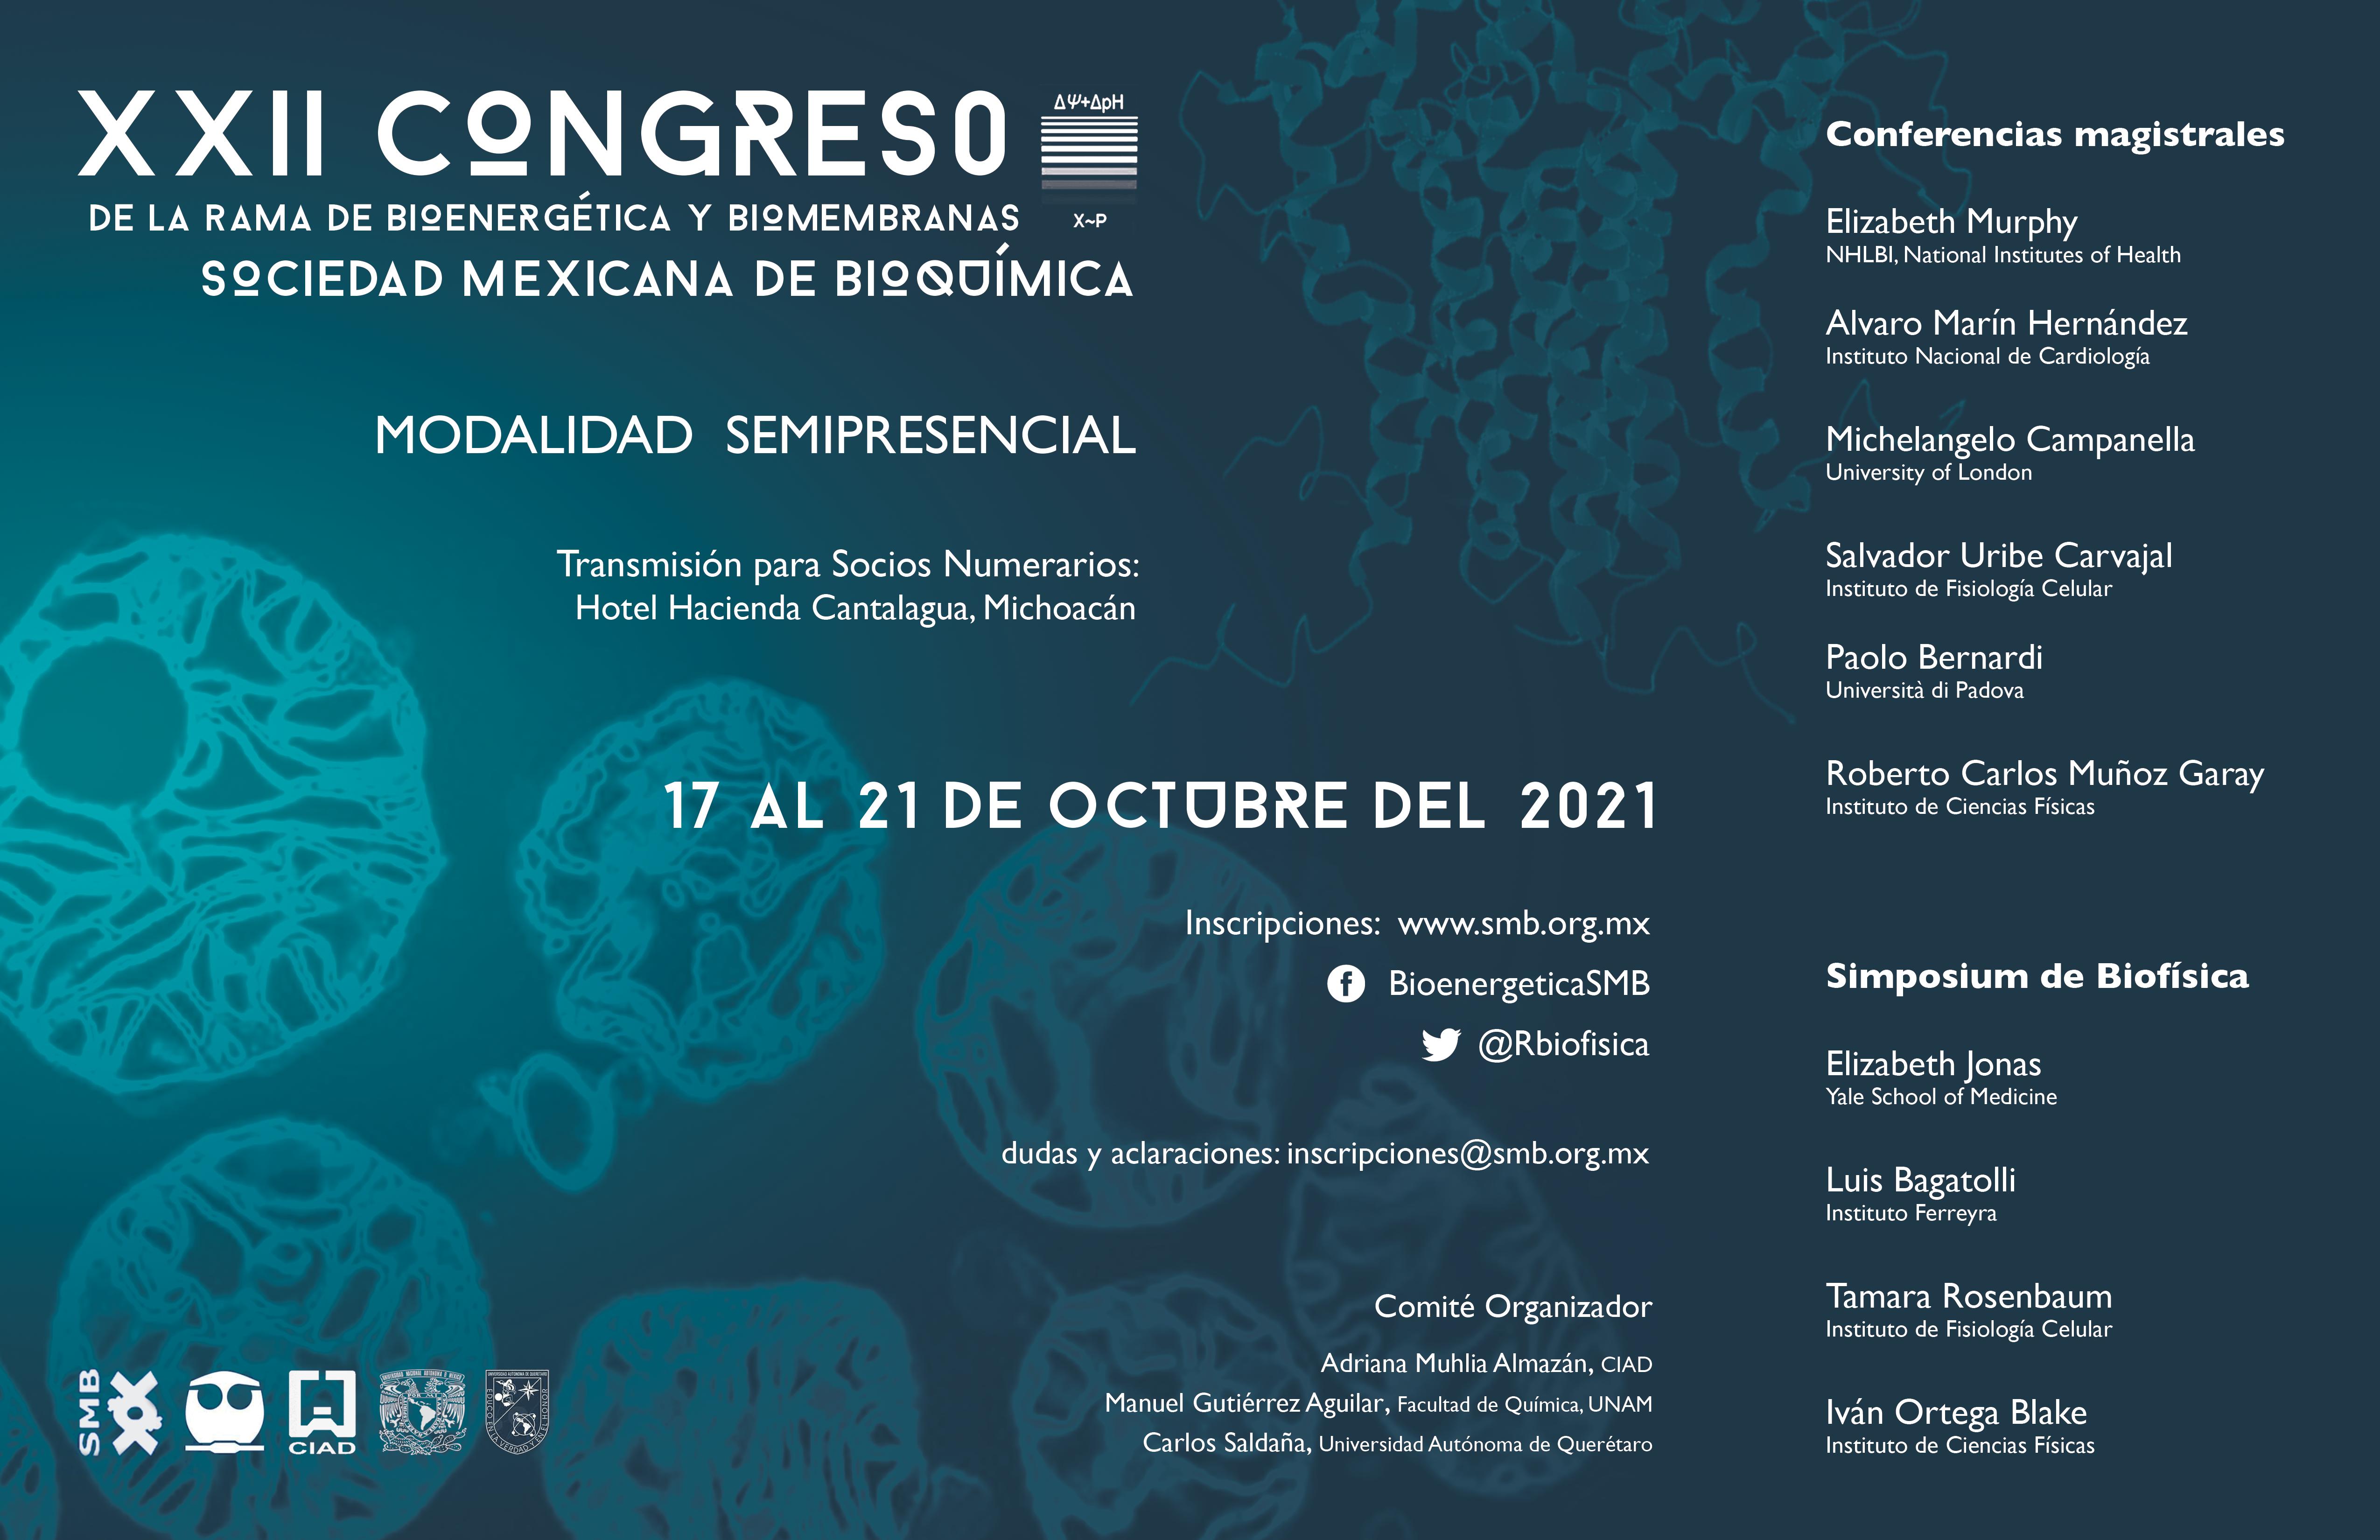 XXII Congreso de la Rama de Bioenergética y Biomembranas